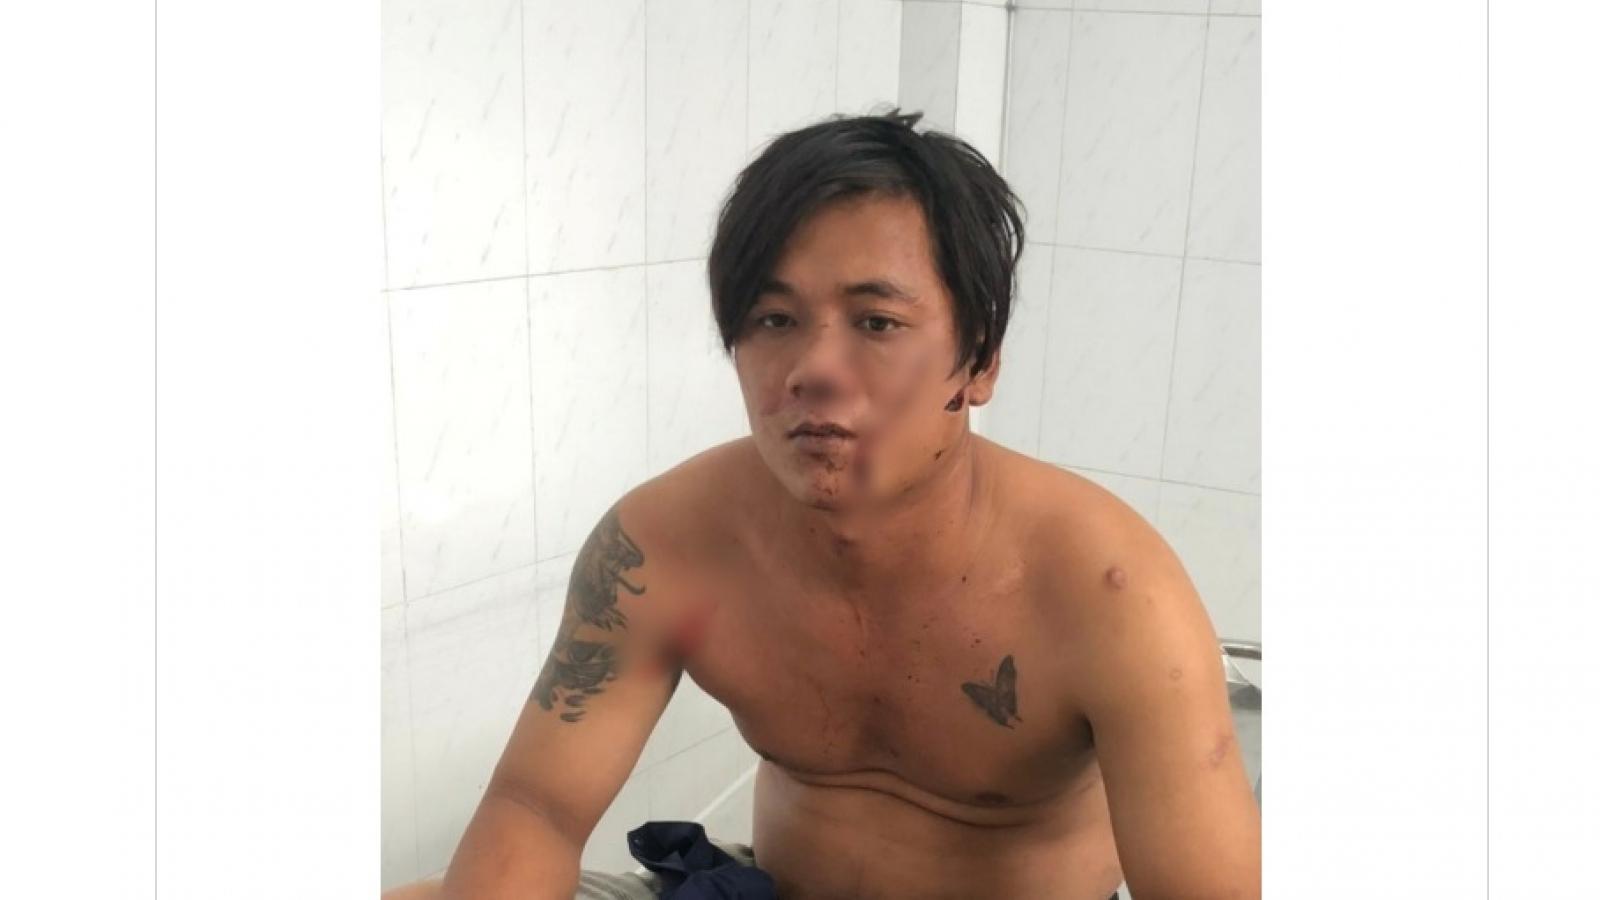 Lộ diện 4 nghi phạm vụ giết người tại quán nhậu tỉnh Tiền Giang